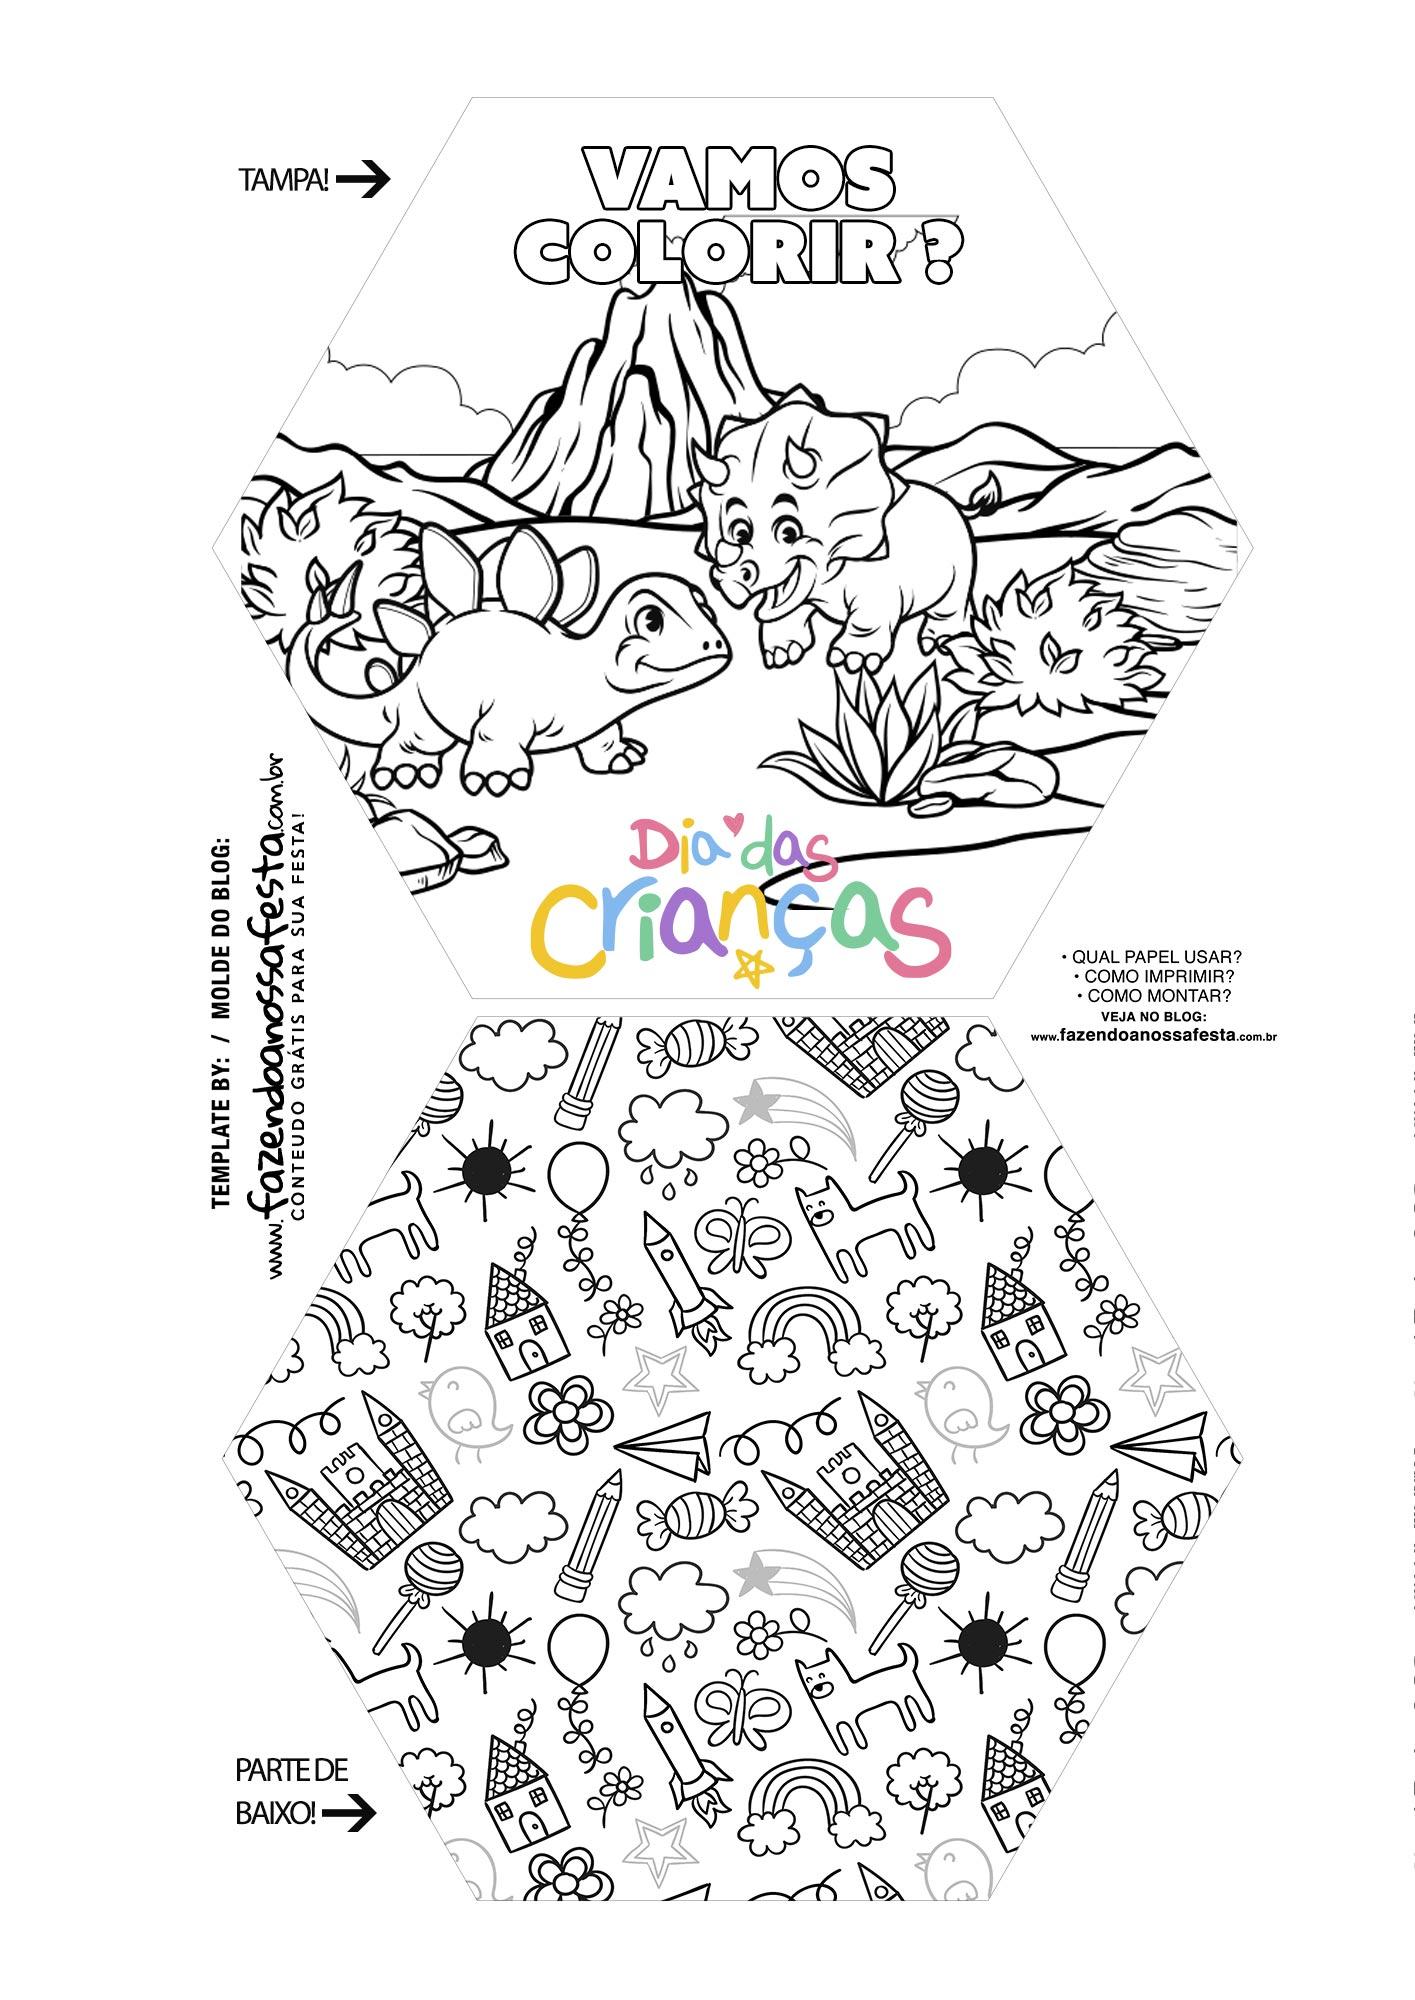 Caixa Explosiva Dia das Criancas para colorir dinossauro